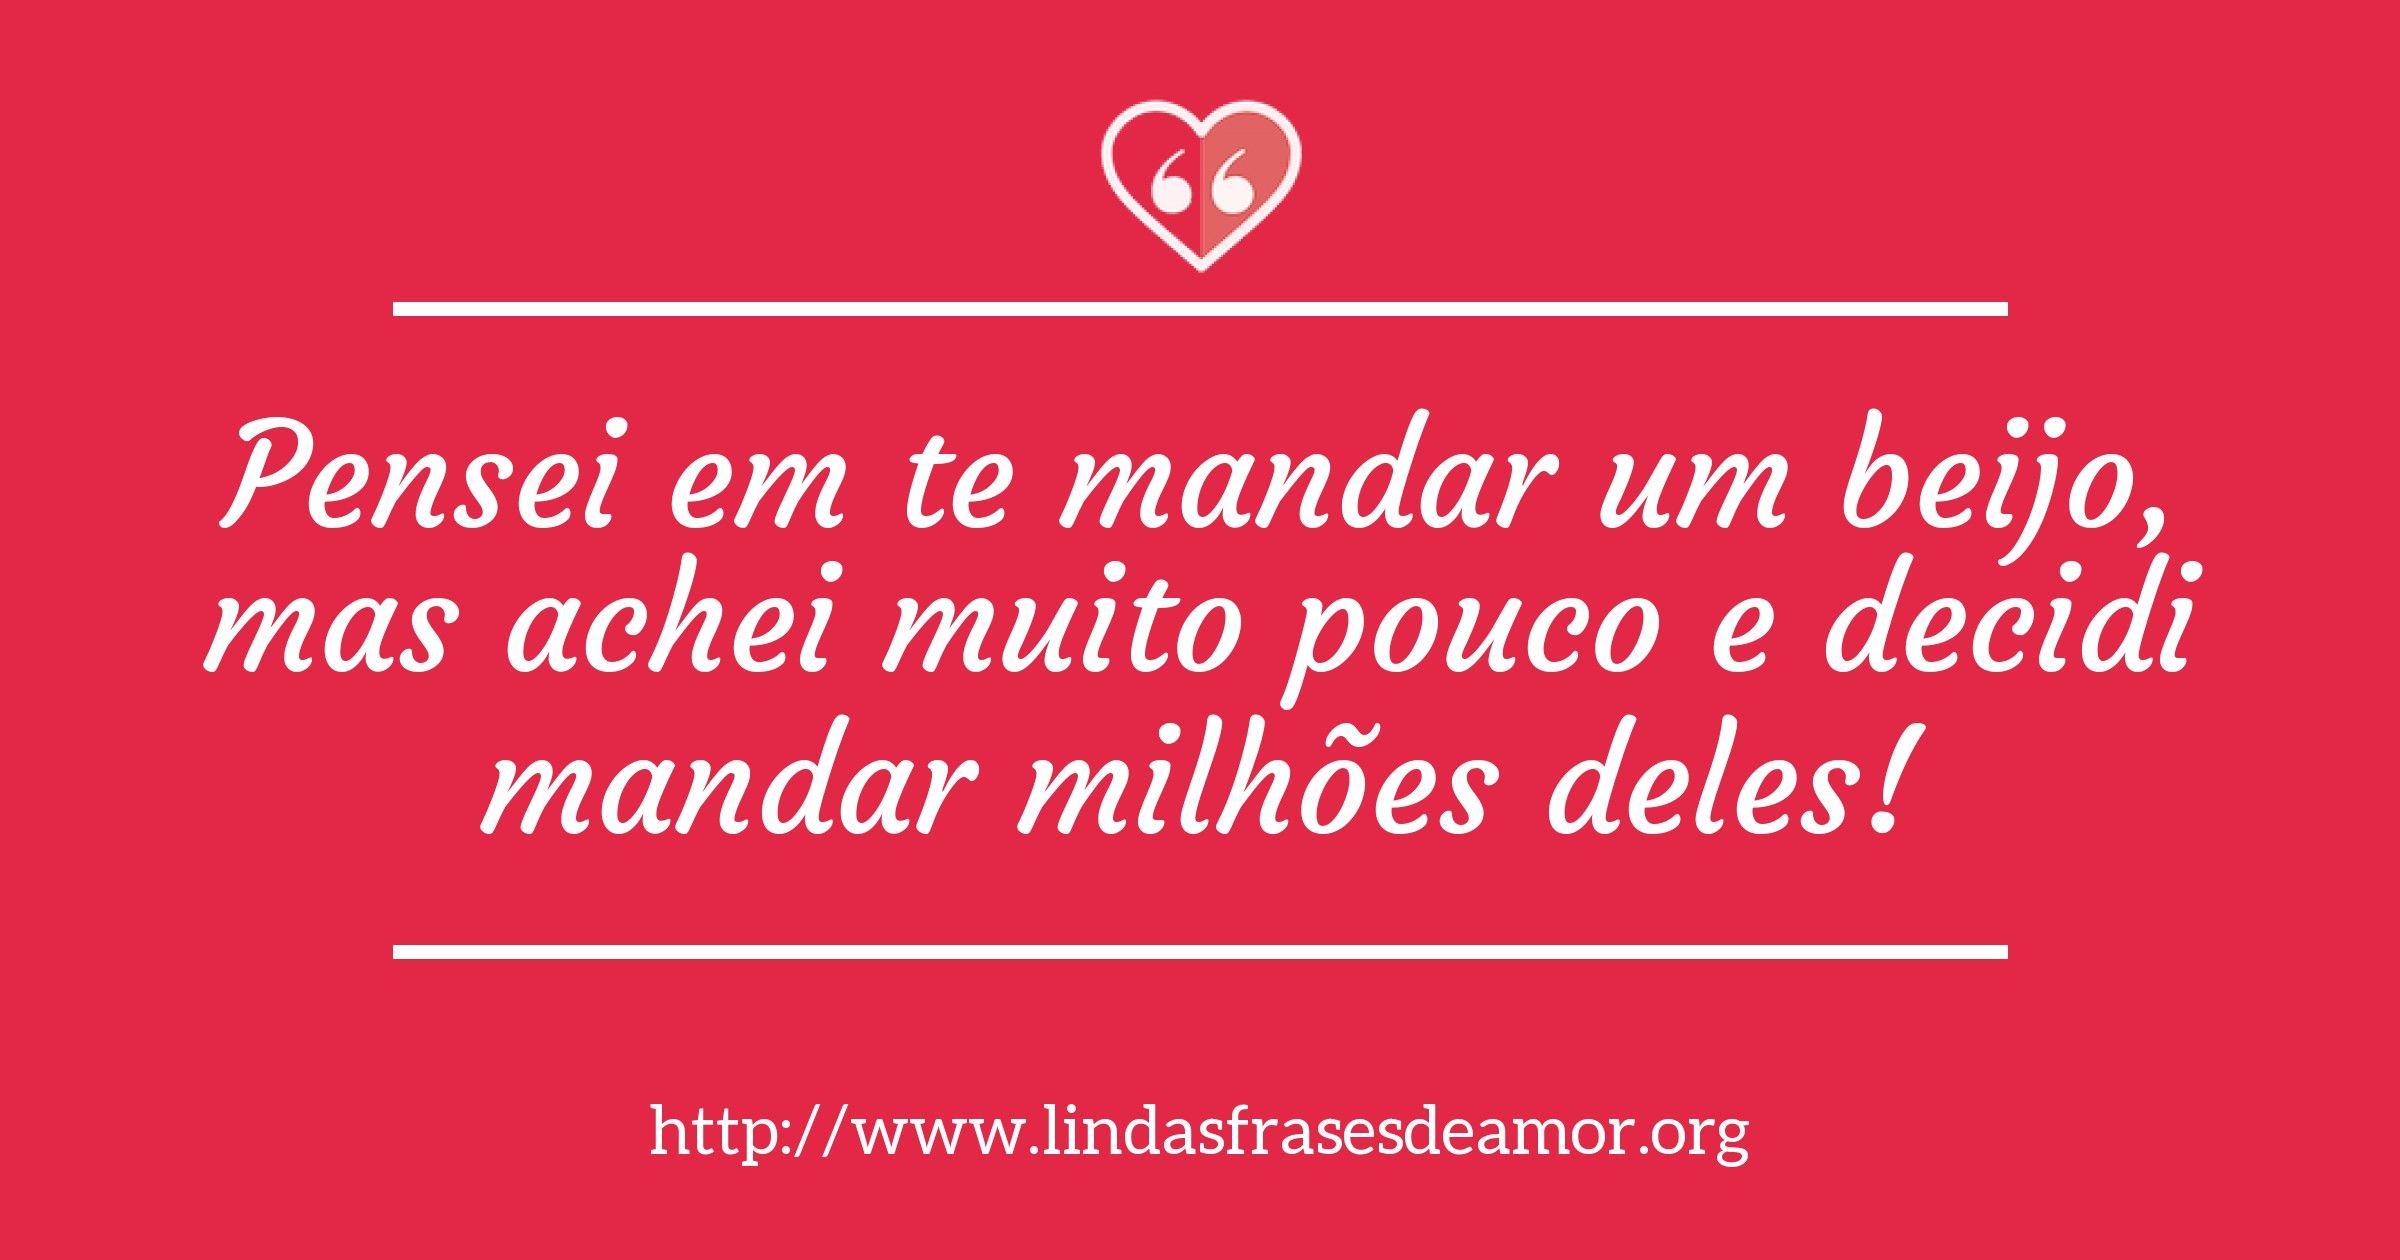 Pensei em te mandar um beijo, mas achei muito pouco e decidi mandar milhões deles! http://www.lindasfrasesdeamor.org/mensagens/amor/beijo